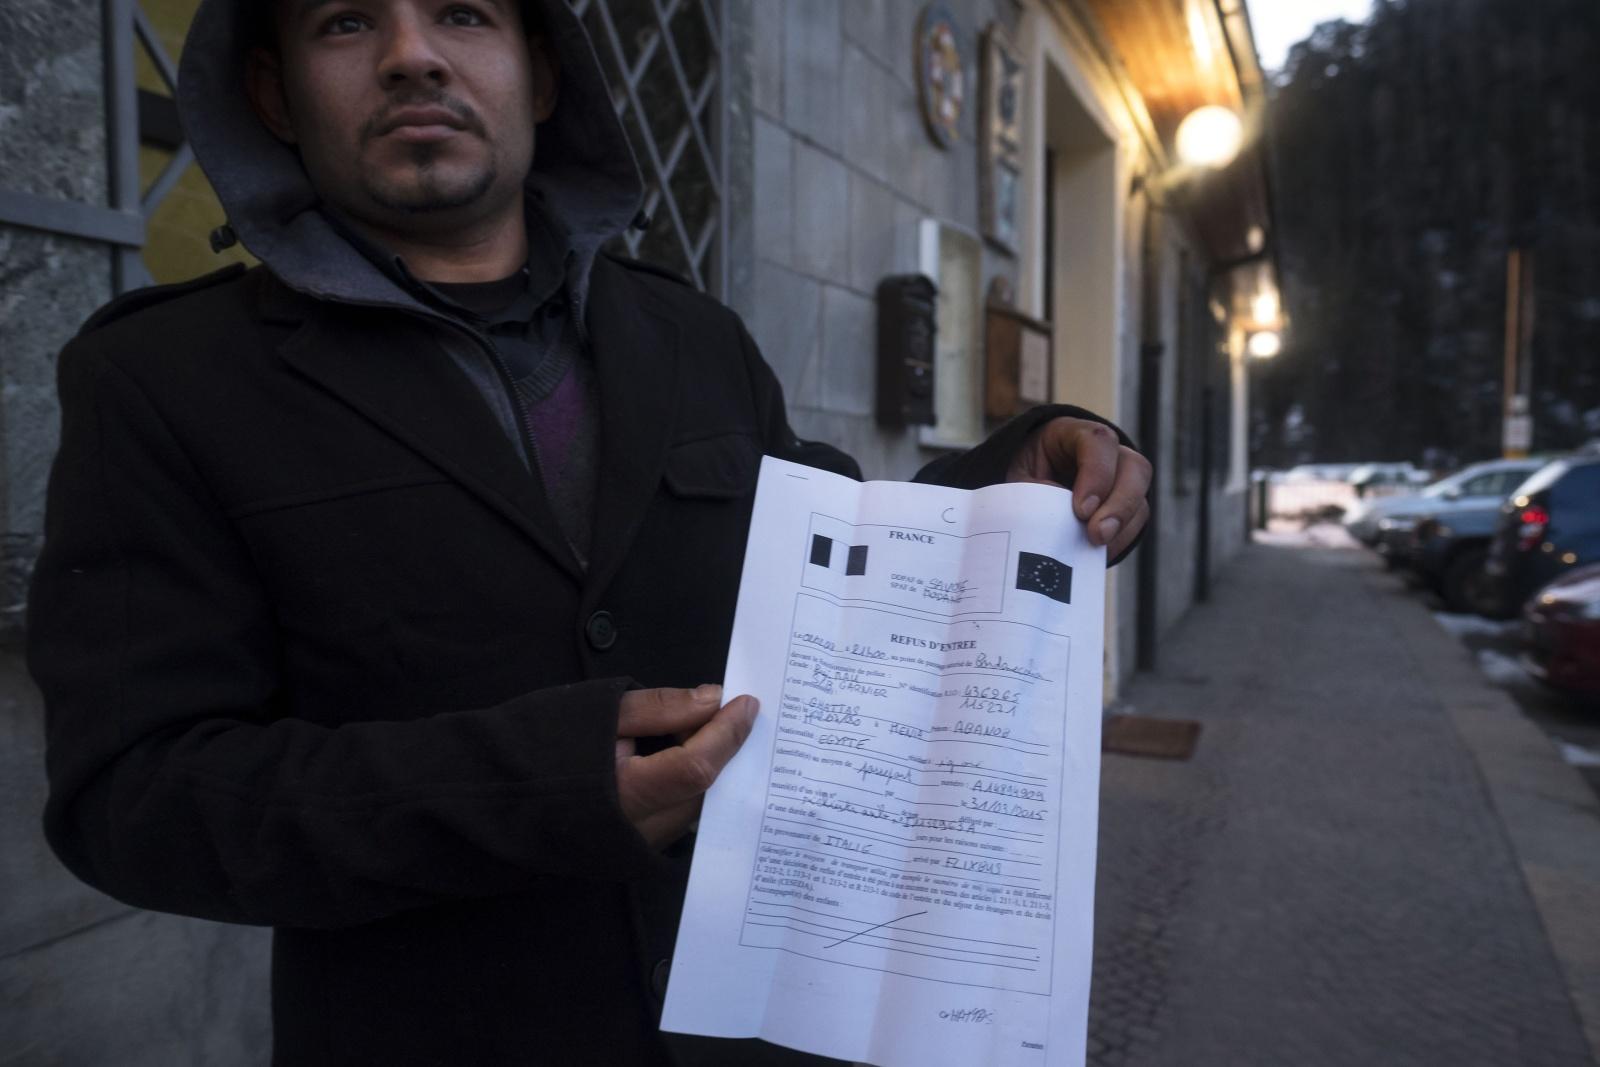 Ghattas egiziano con il foglio di espulsione delle autorità francesi alla stazione ferroviaria di Bardonecchia (val di Susa)